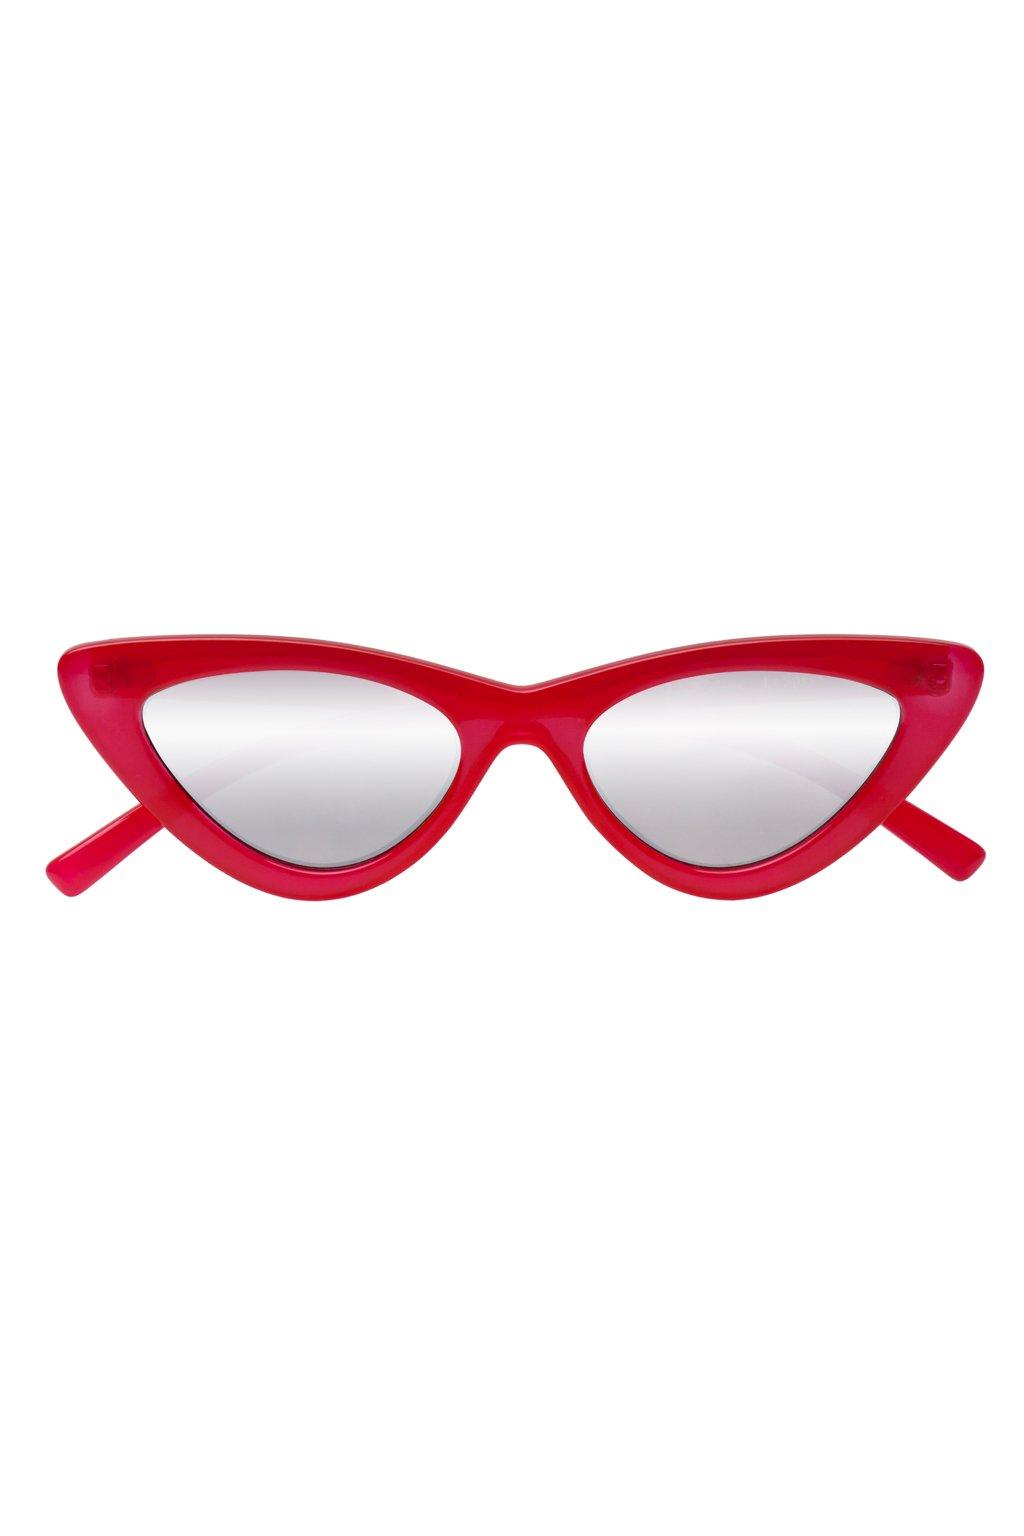 basics_department_adam_selman_le_specs_last_lolita_opaque_red1.jpg